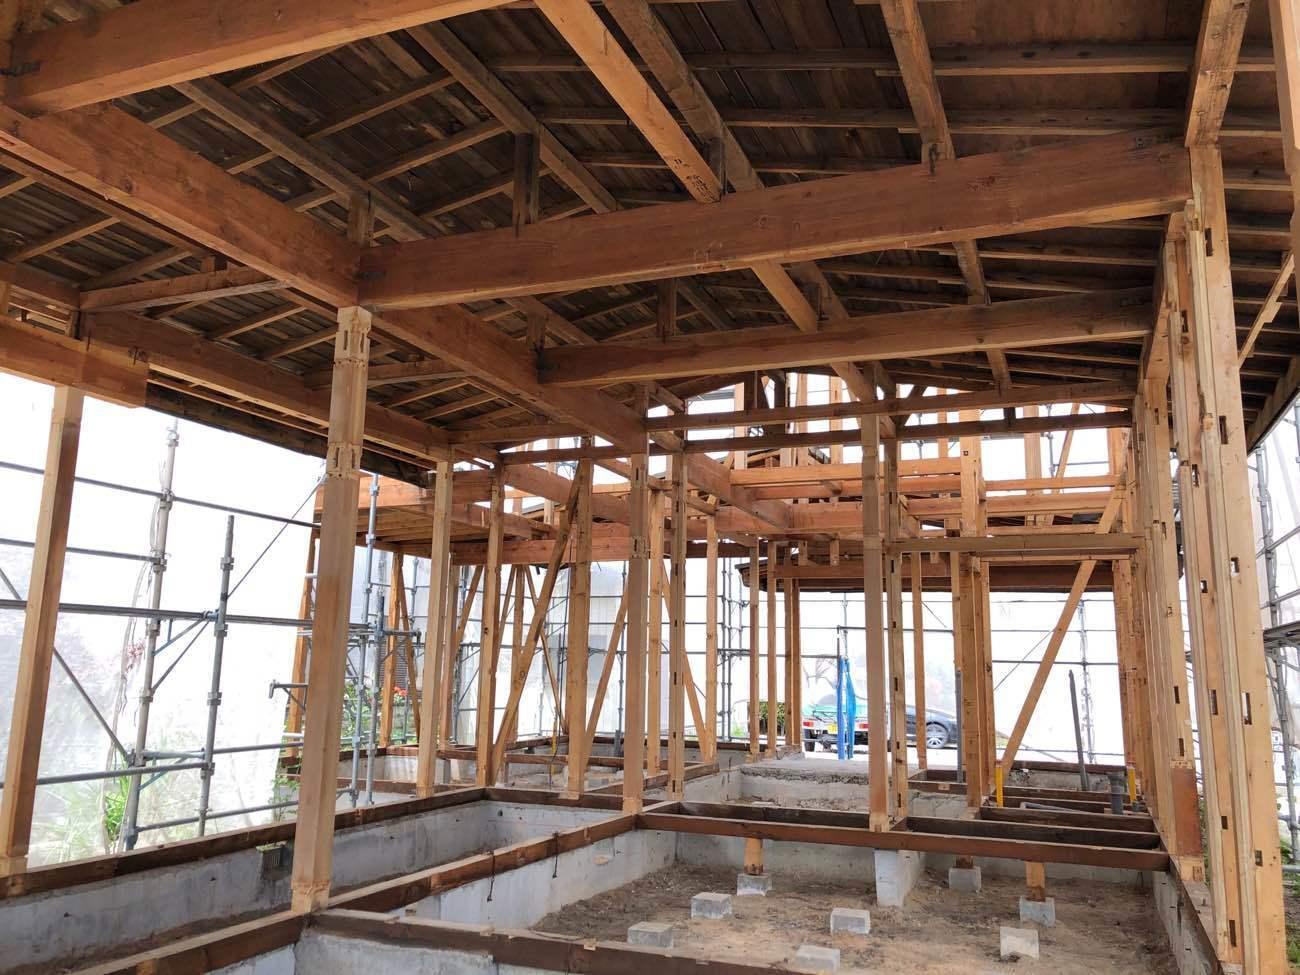 【完全予約制】戸建丸ごとリノベーション構造見学会|弘前市松原東|リフォーム工房イエだから